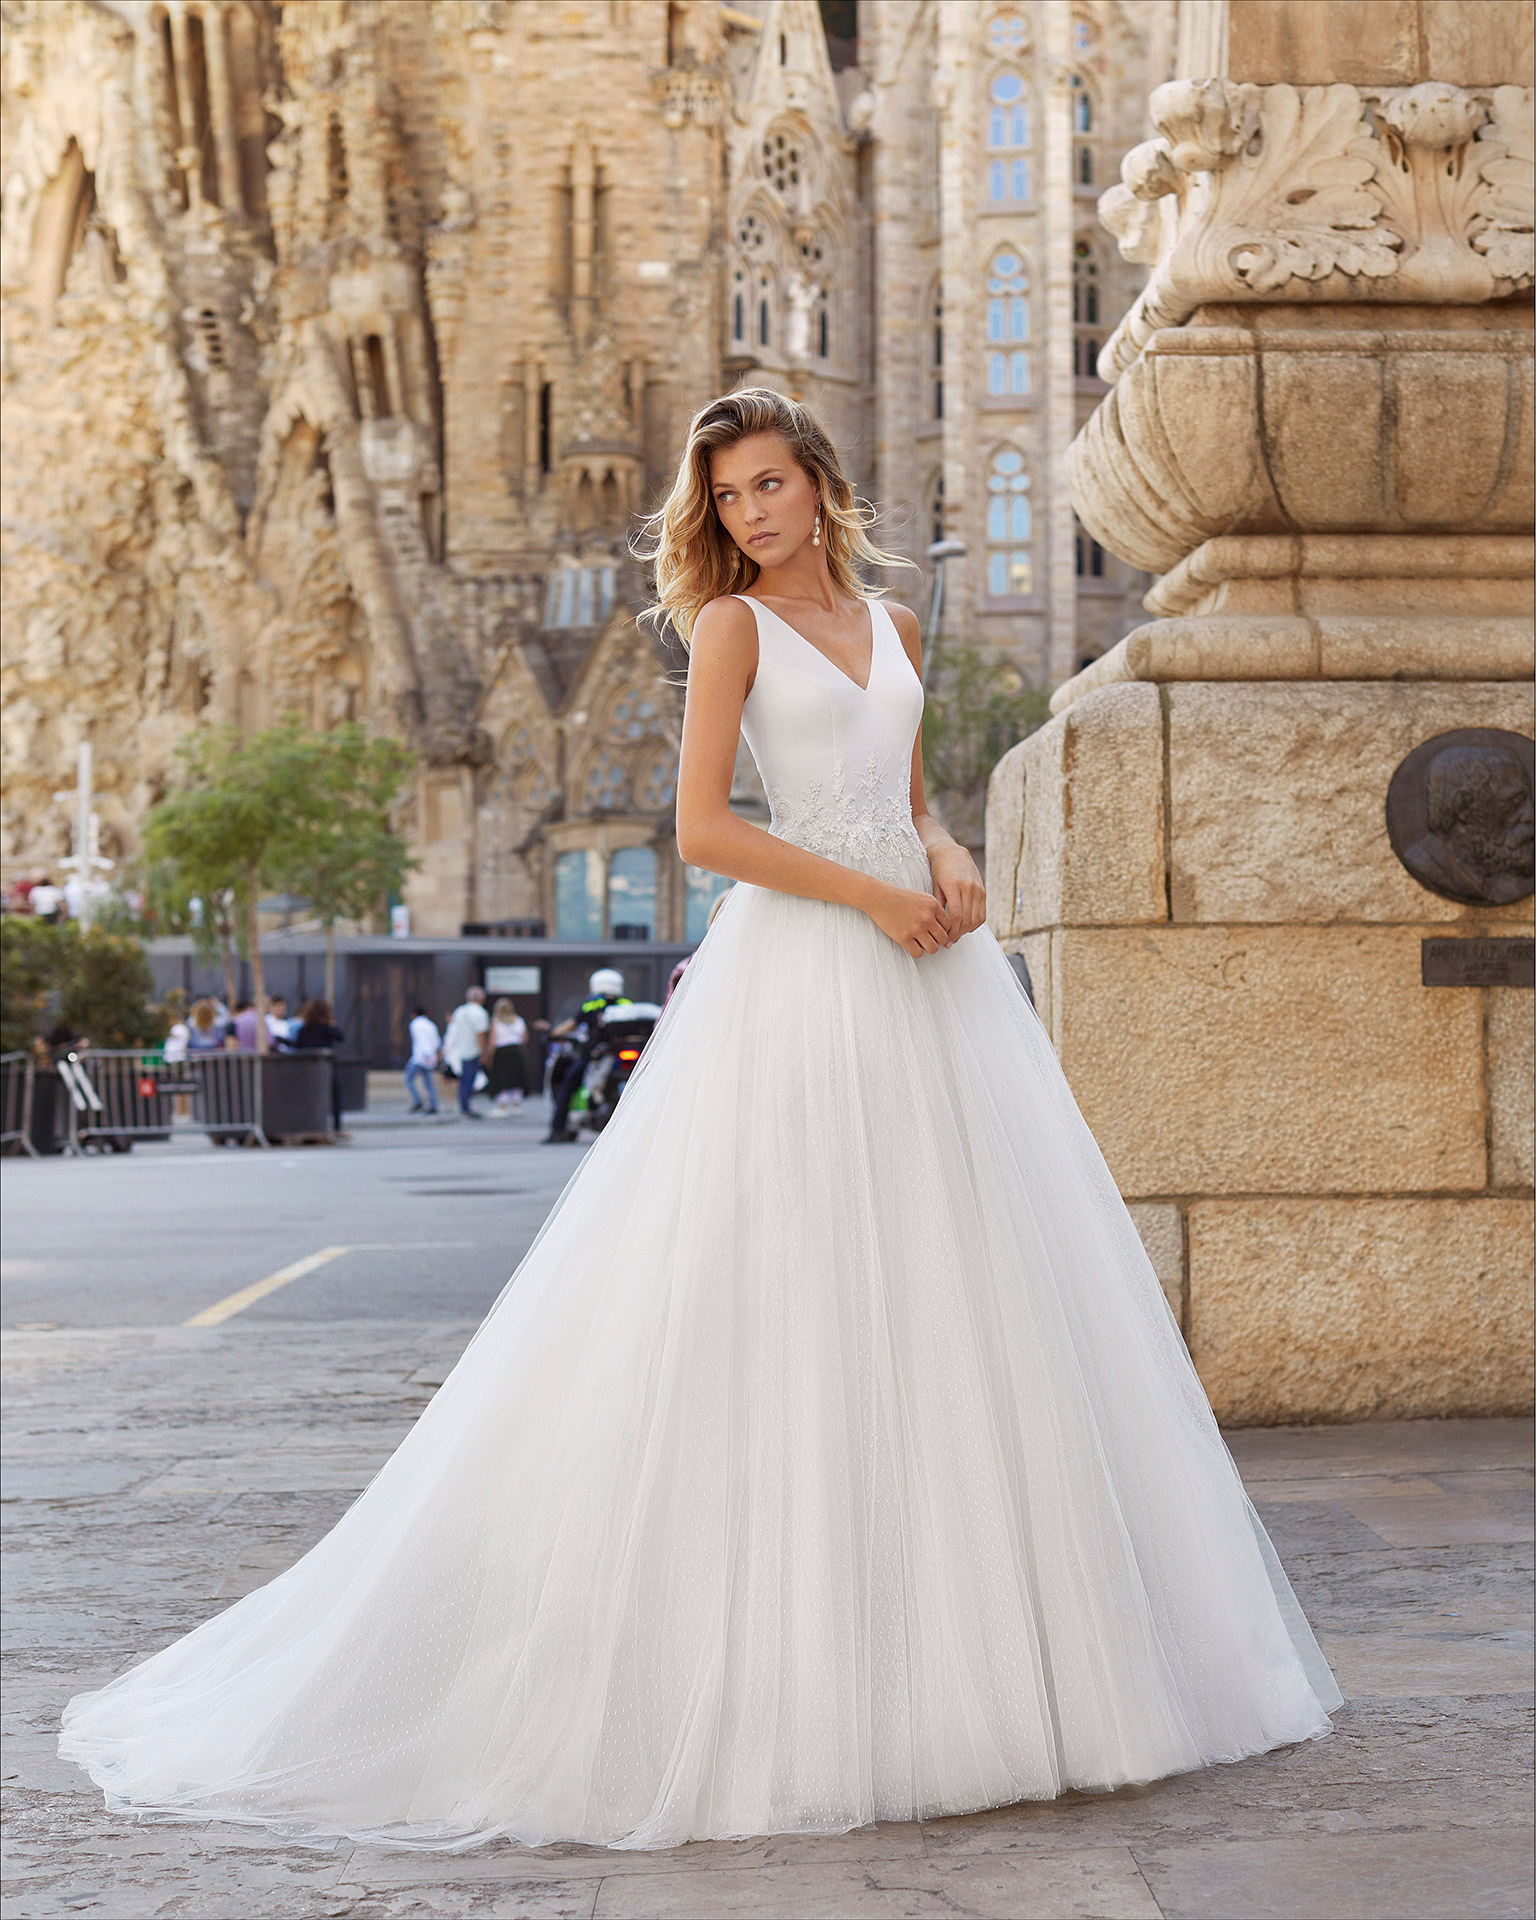 Vestido de novia estilo romántico de tul plumeti, cuerpo de crep, encaje y pedrería. Escote y espalda en V . Colección  2021.